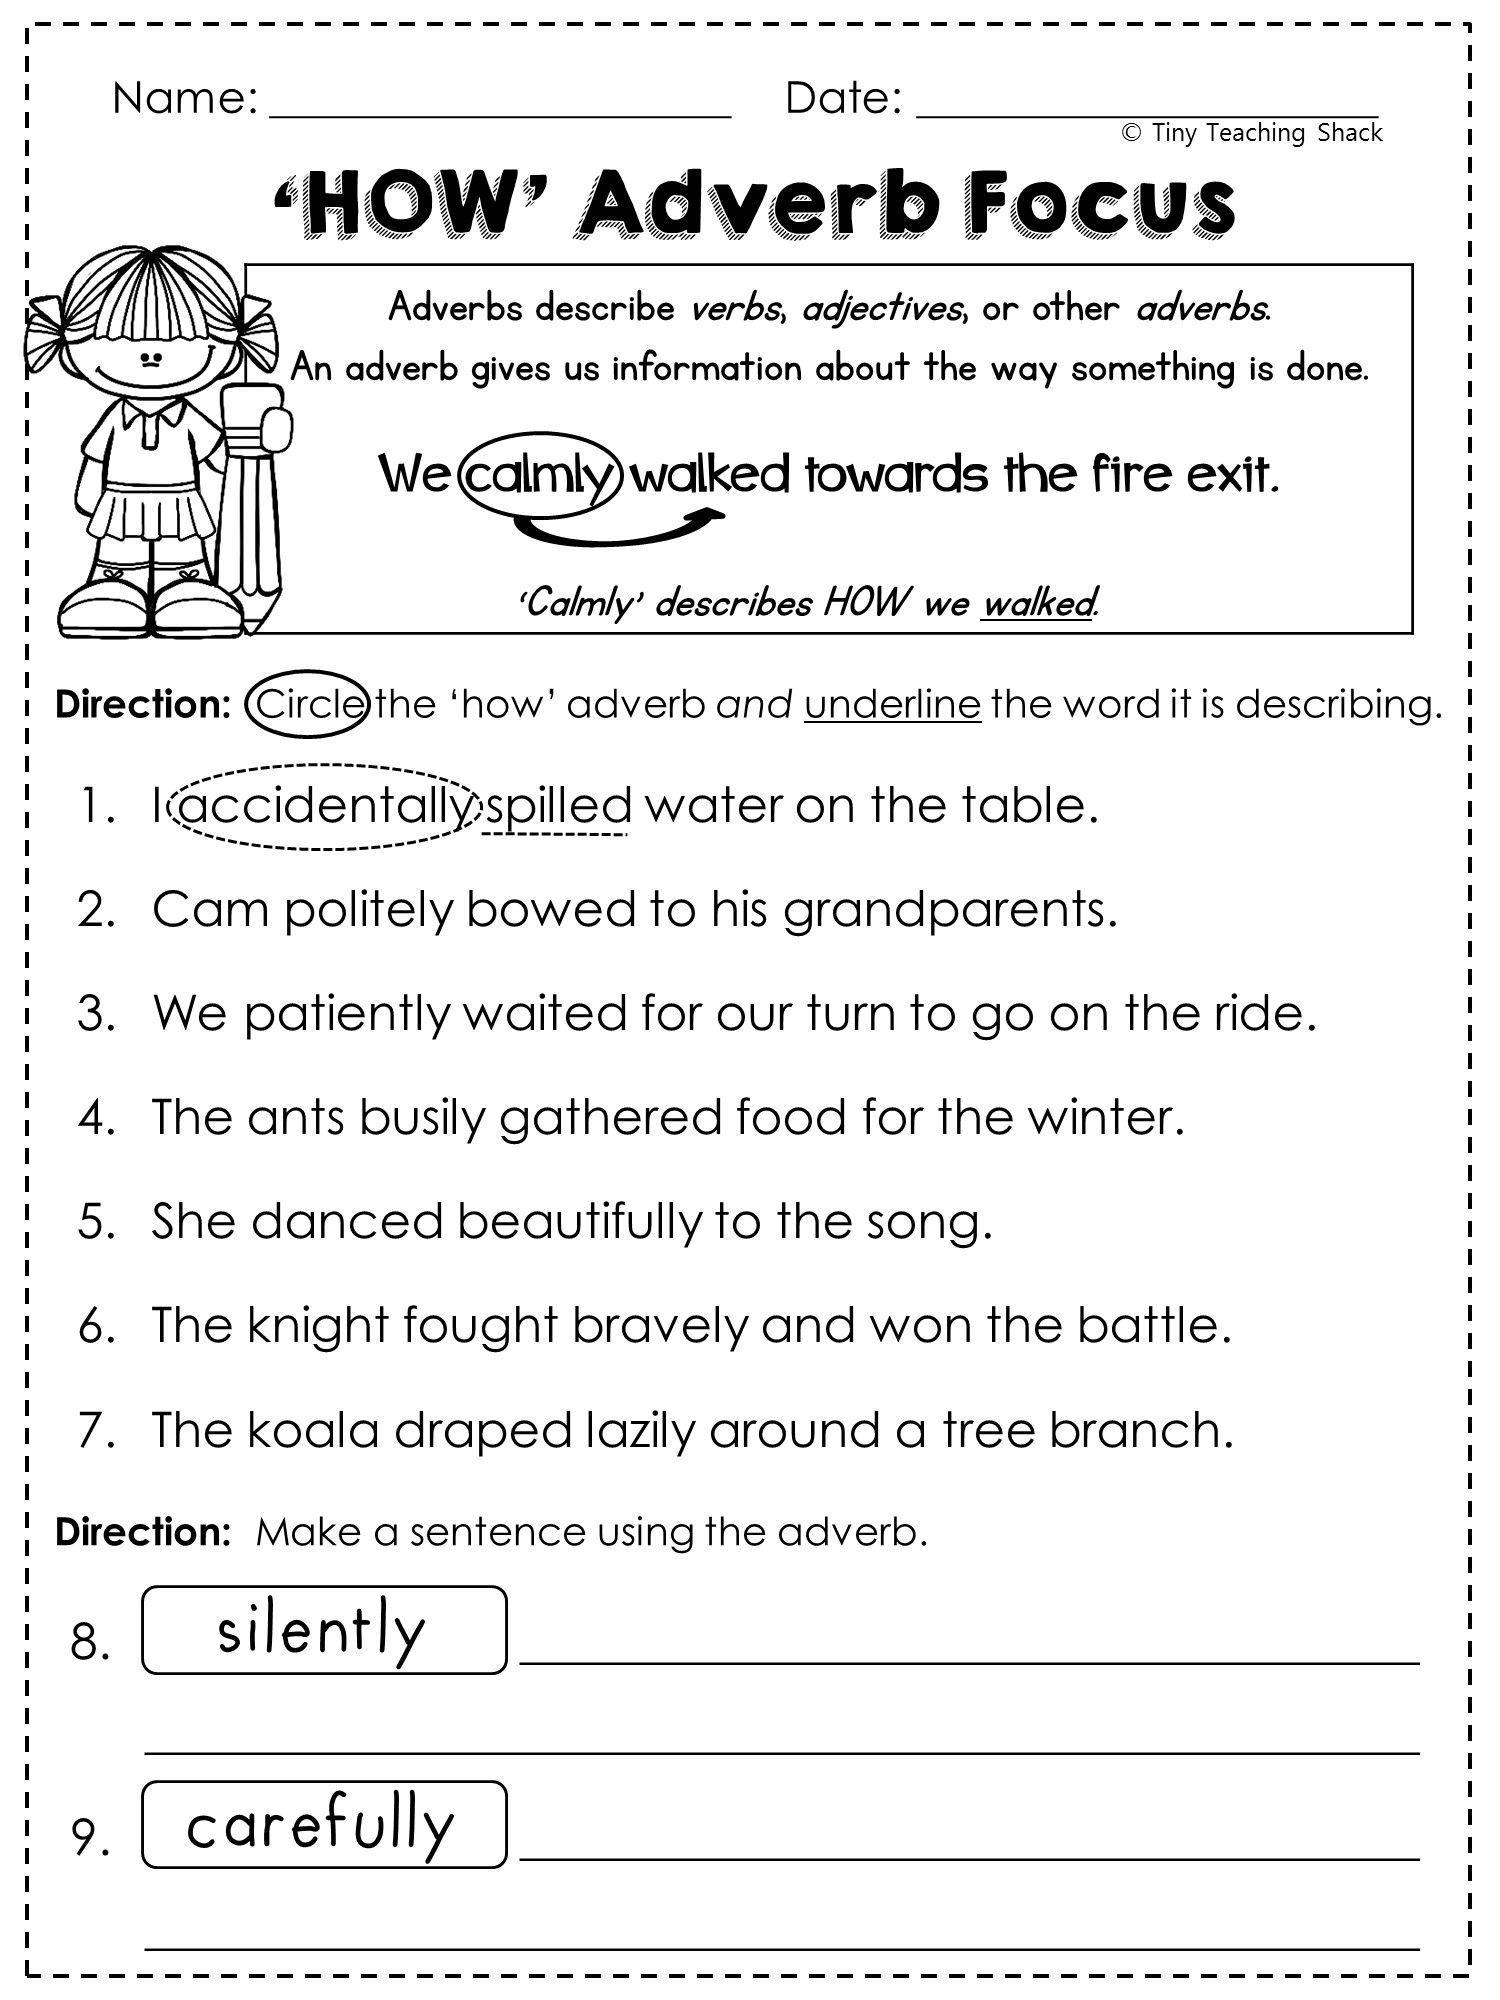 Free Adverb Worksheet Printables Adverbs Worksheet Language Arts Worksheets 2nd Grade Worksheets Adverbs Worksheet